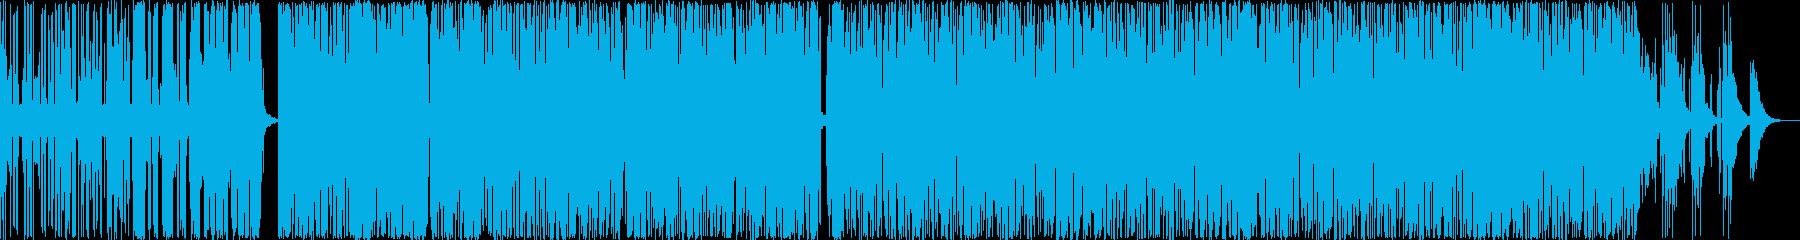 インストドラミンベーストラックの再生済みの波形